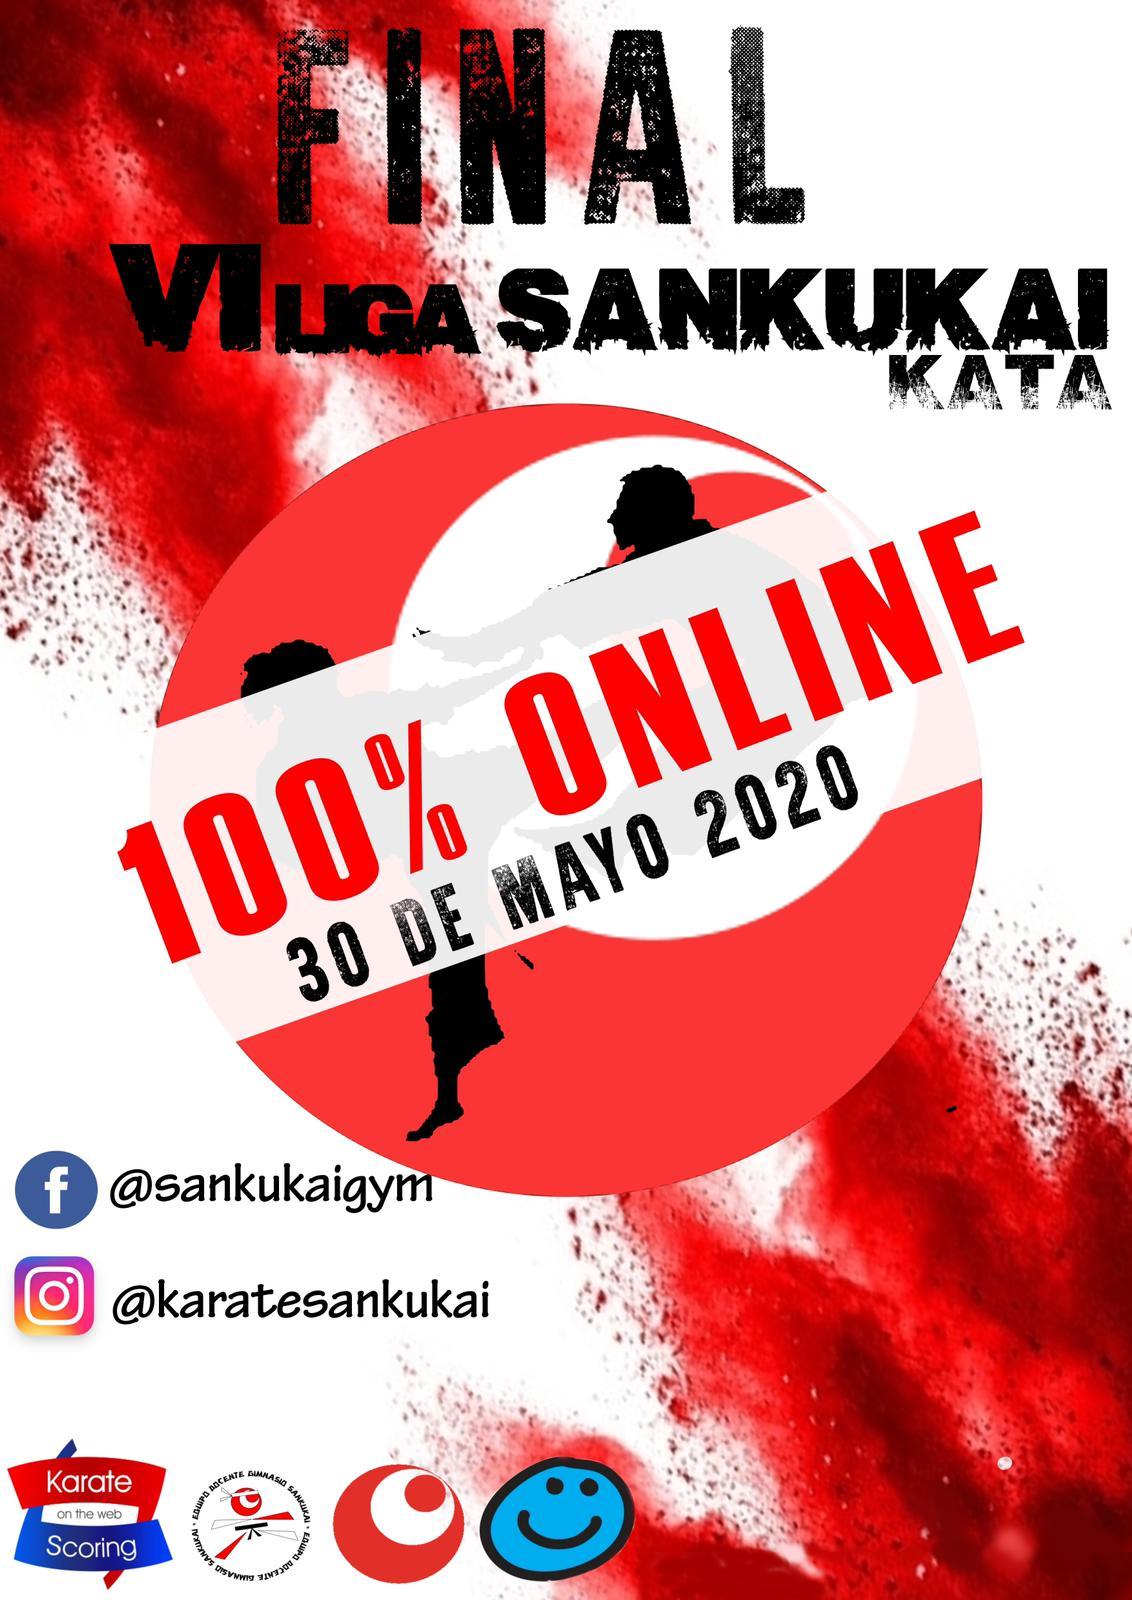 Final Liga Sankukai 2020